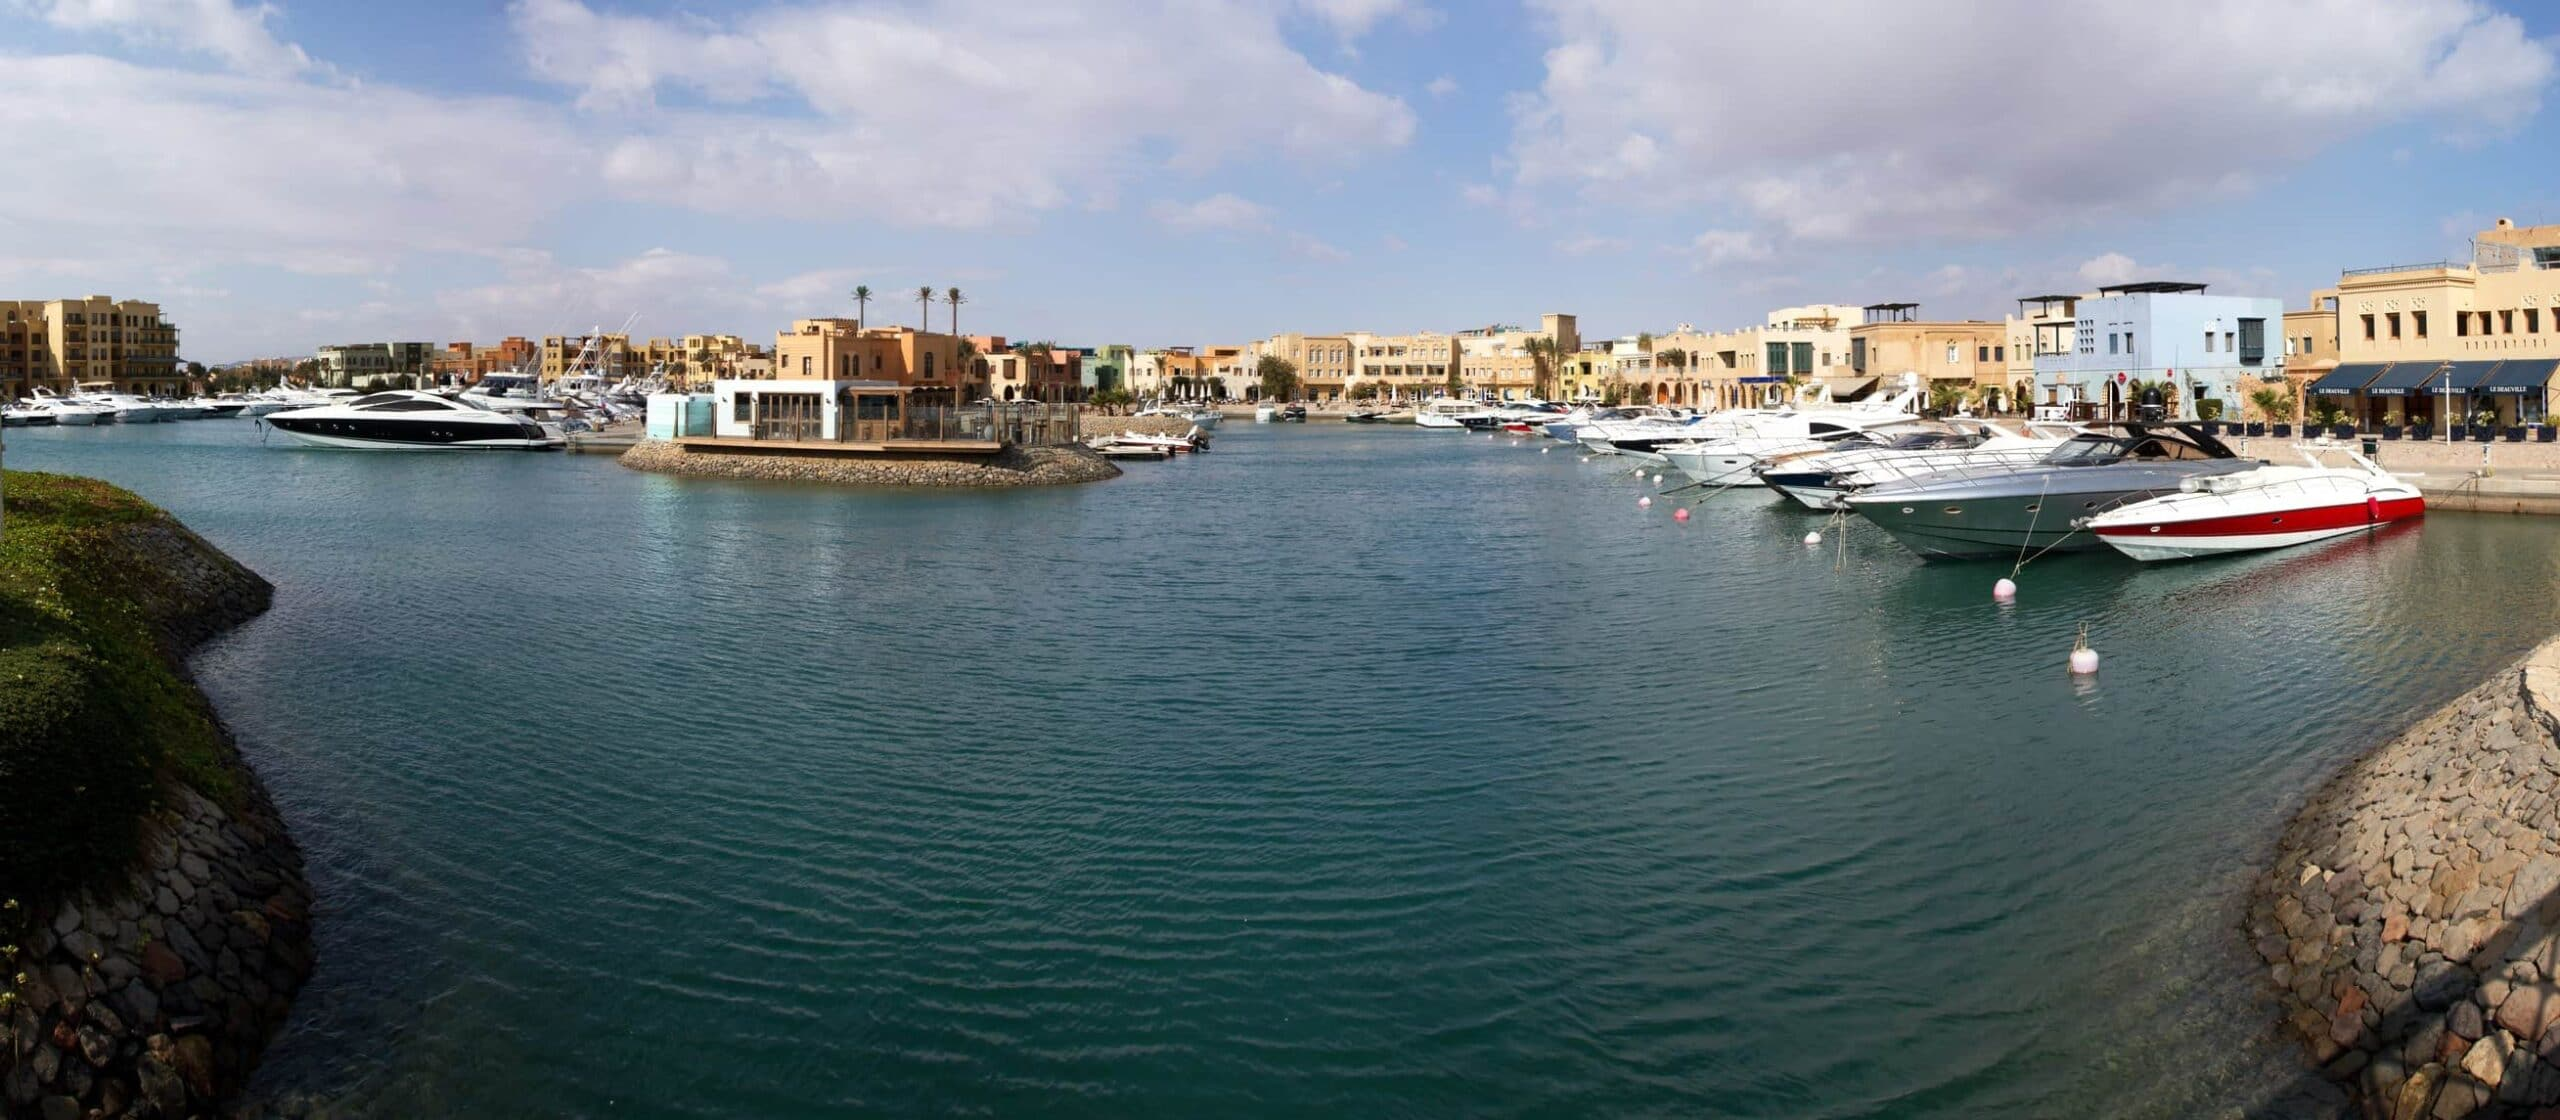 Motorbåed i den lækre marina i El Gouna i Egypten